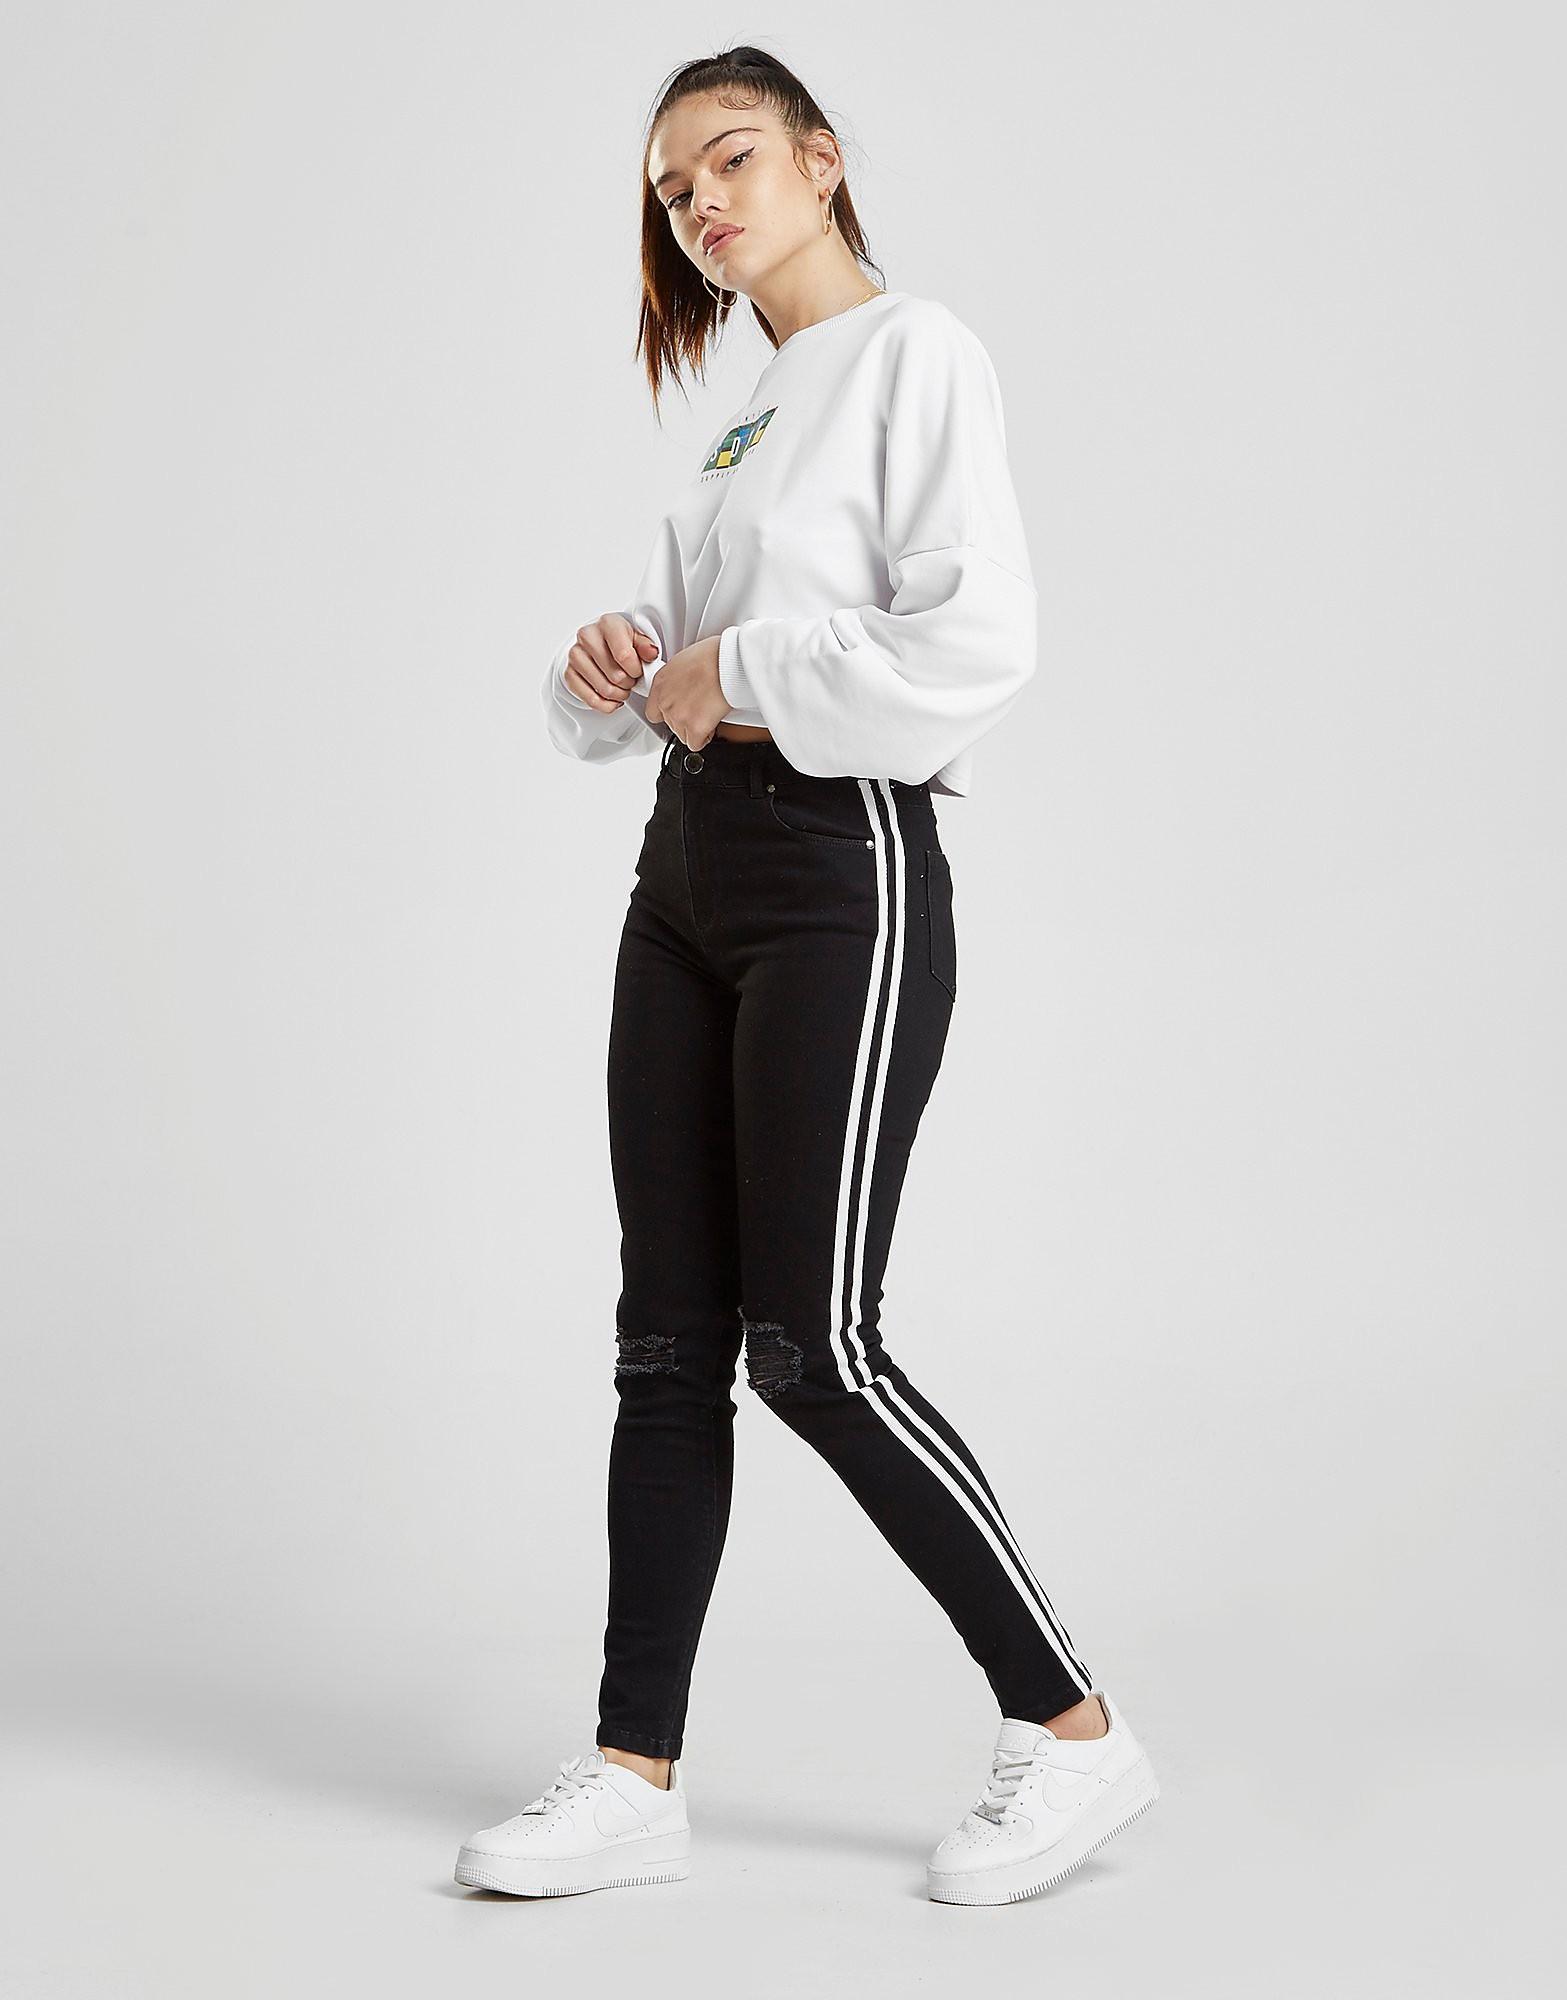 Supply & Demand Sydney High Waisted Jeans - Zwart - Dames